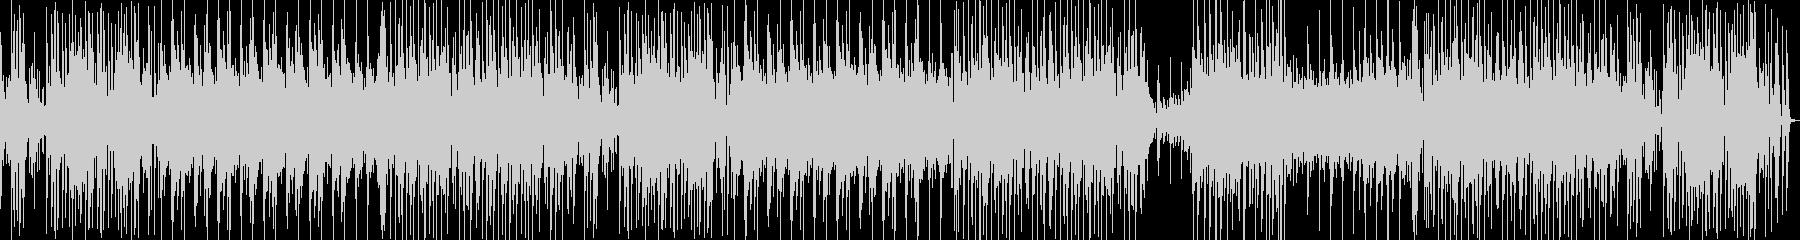 和風JAZZ企業VP明るい琴BGMの未再生の波形